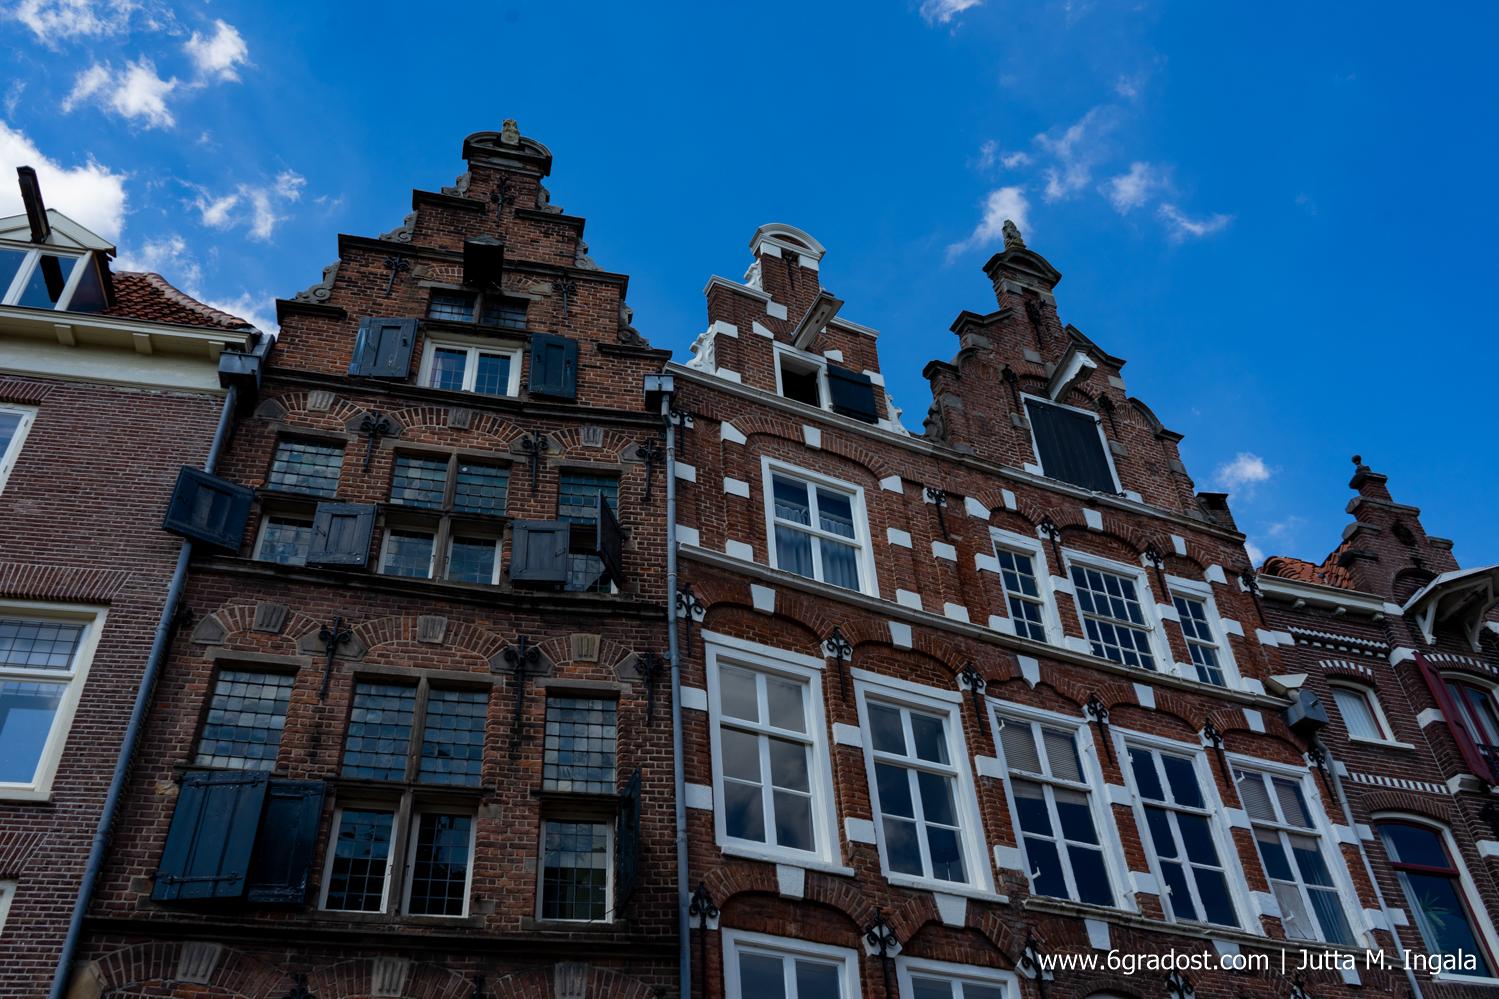 Das Huis met de Luiken - das Haus mit den Fensterläden - beherbergt heute ein Geschäft für Designobjekte